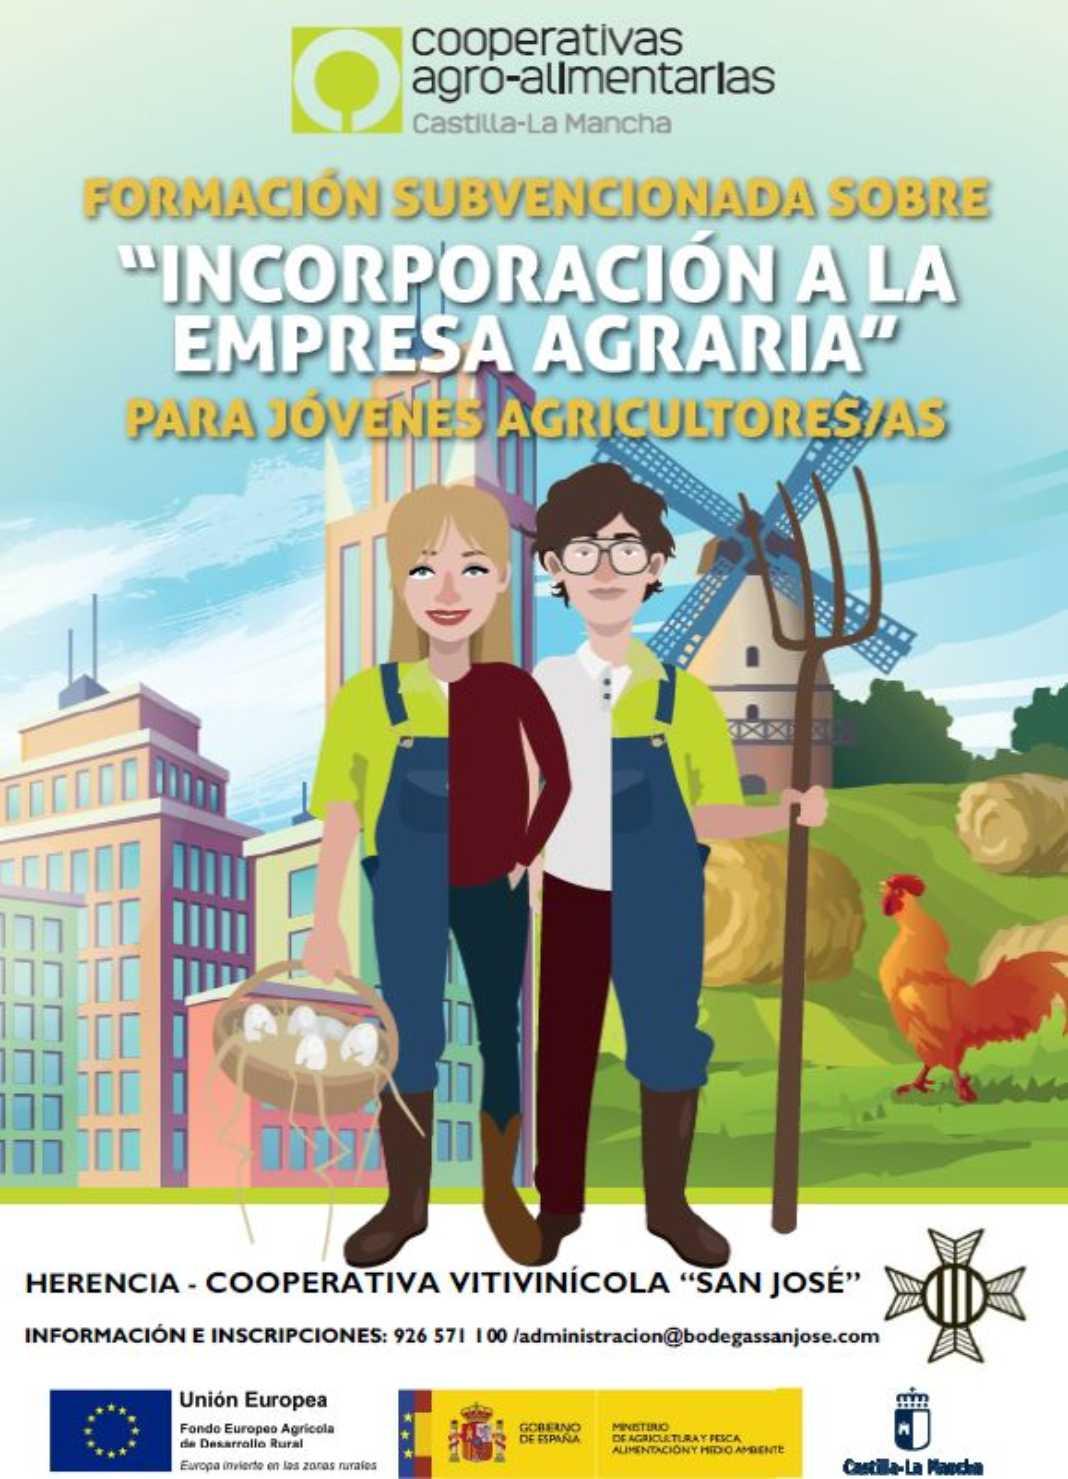 La Incorporación de Jóvenes a la Empresa Agraria como formación en la Cooperativa Vitivinícola San José 4